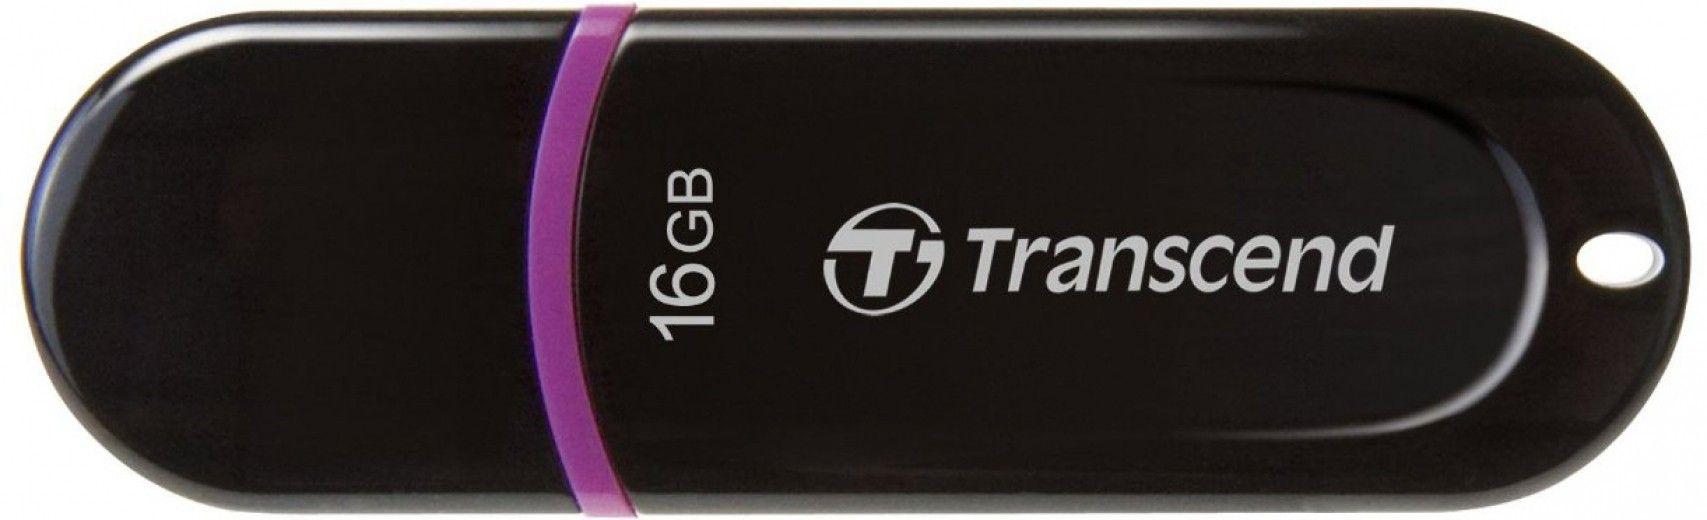 USB флеш накопитель Transcend JetFlash 300 16GB Black (TS16GJF300)